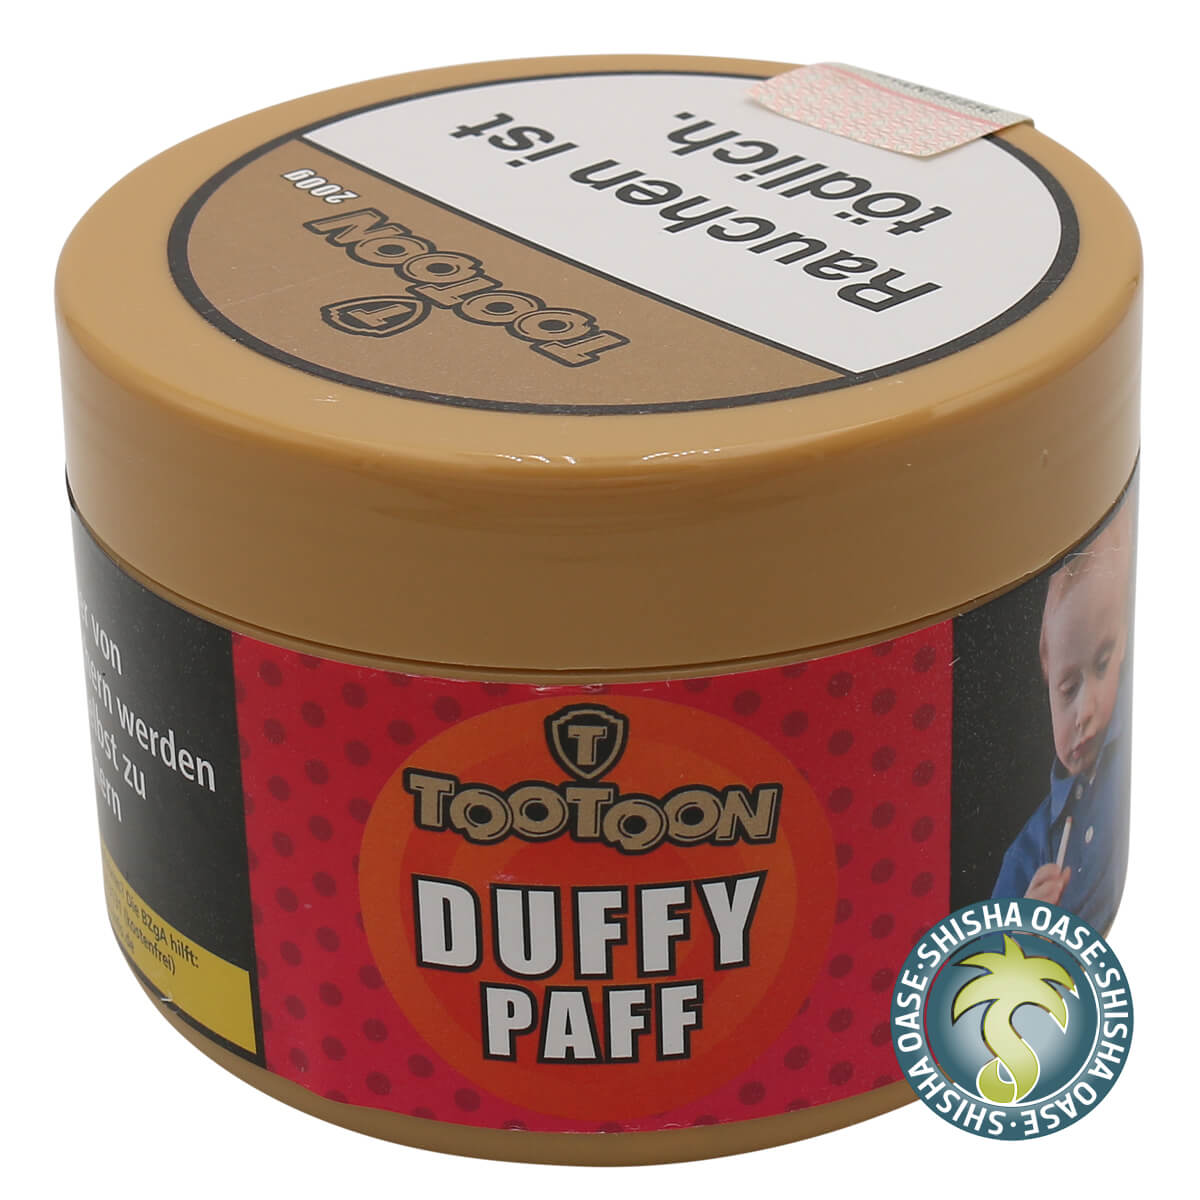 Too Toon Tabak 200g | Duffy Puff